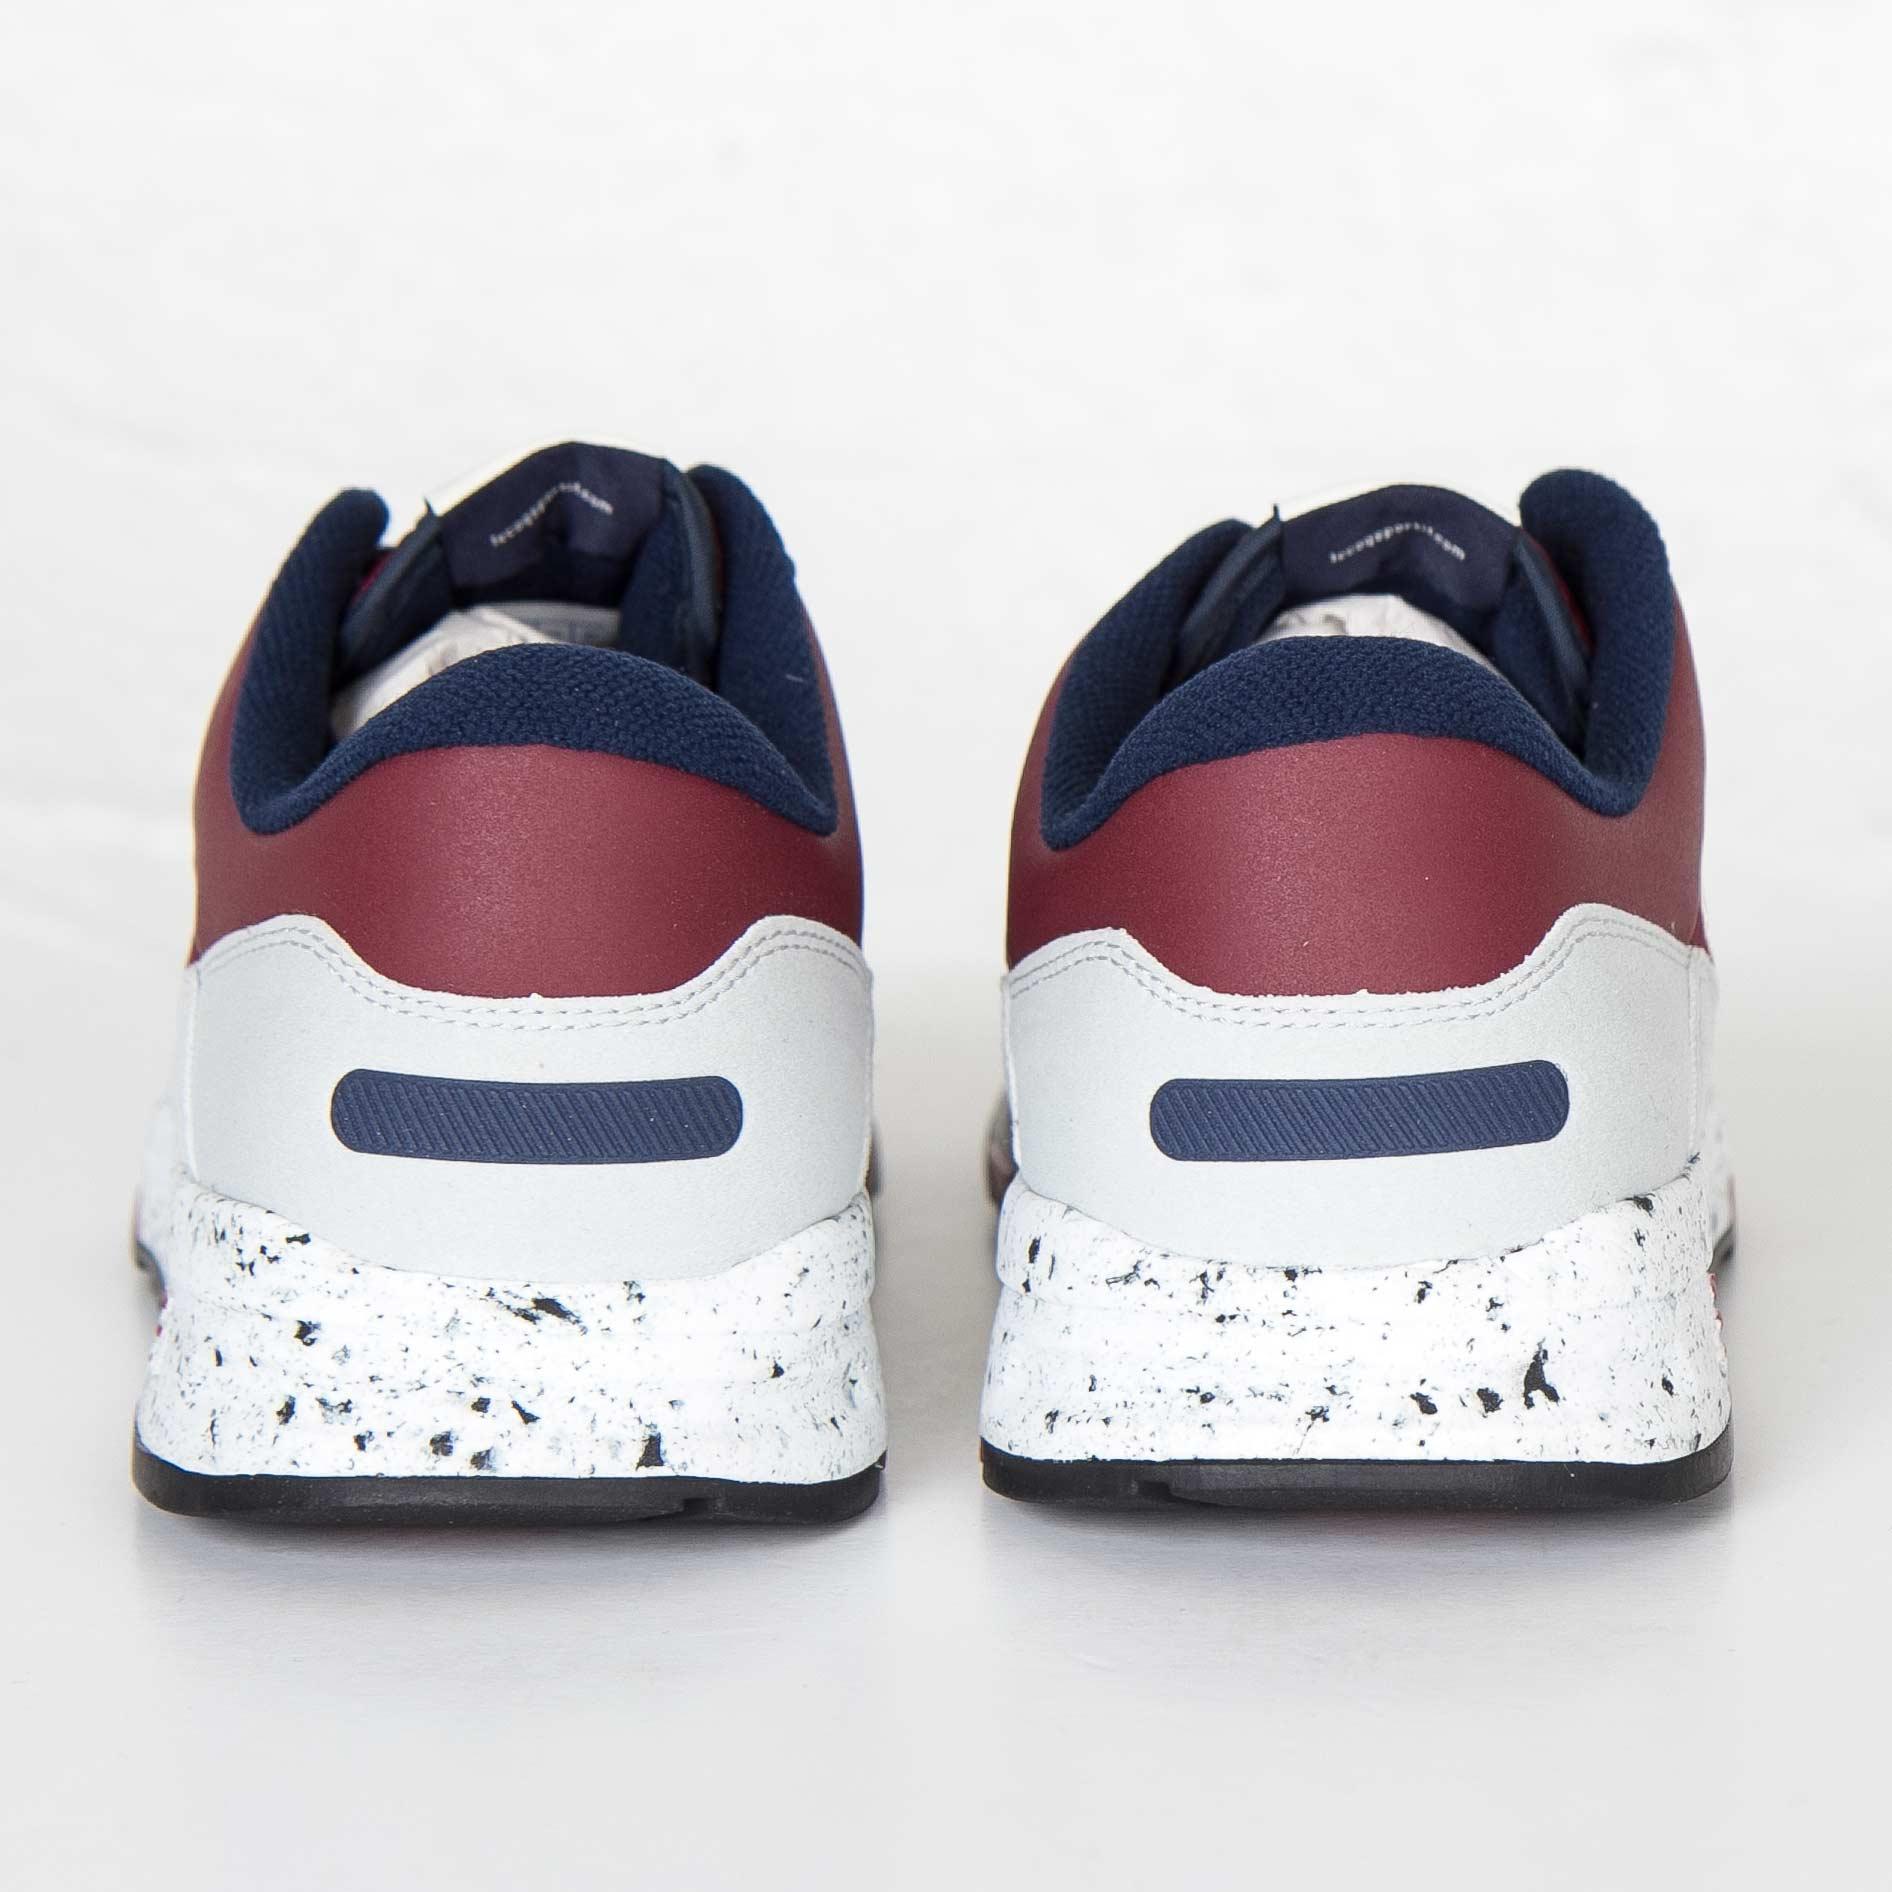 b77e2ce627d8 Le Coq Sportif LCS R 1400 Speckled - 1511373 - Sneakersnstuff ...